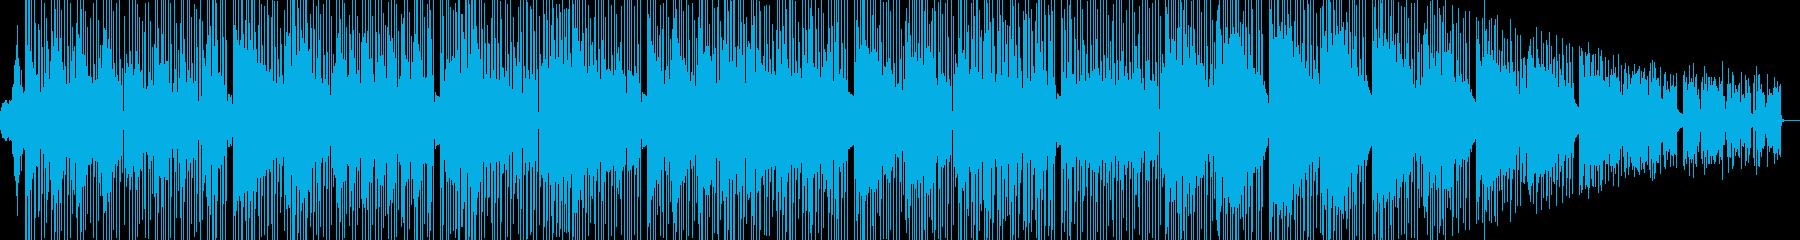 おしゃれなダウンテンポの曲です。の再生済みの波形